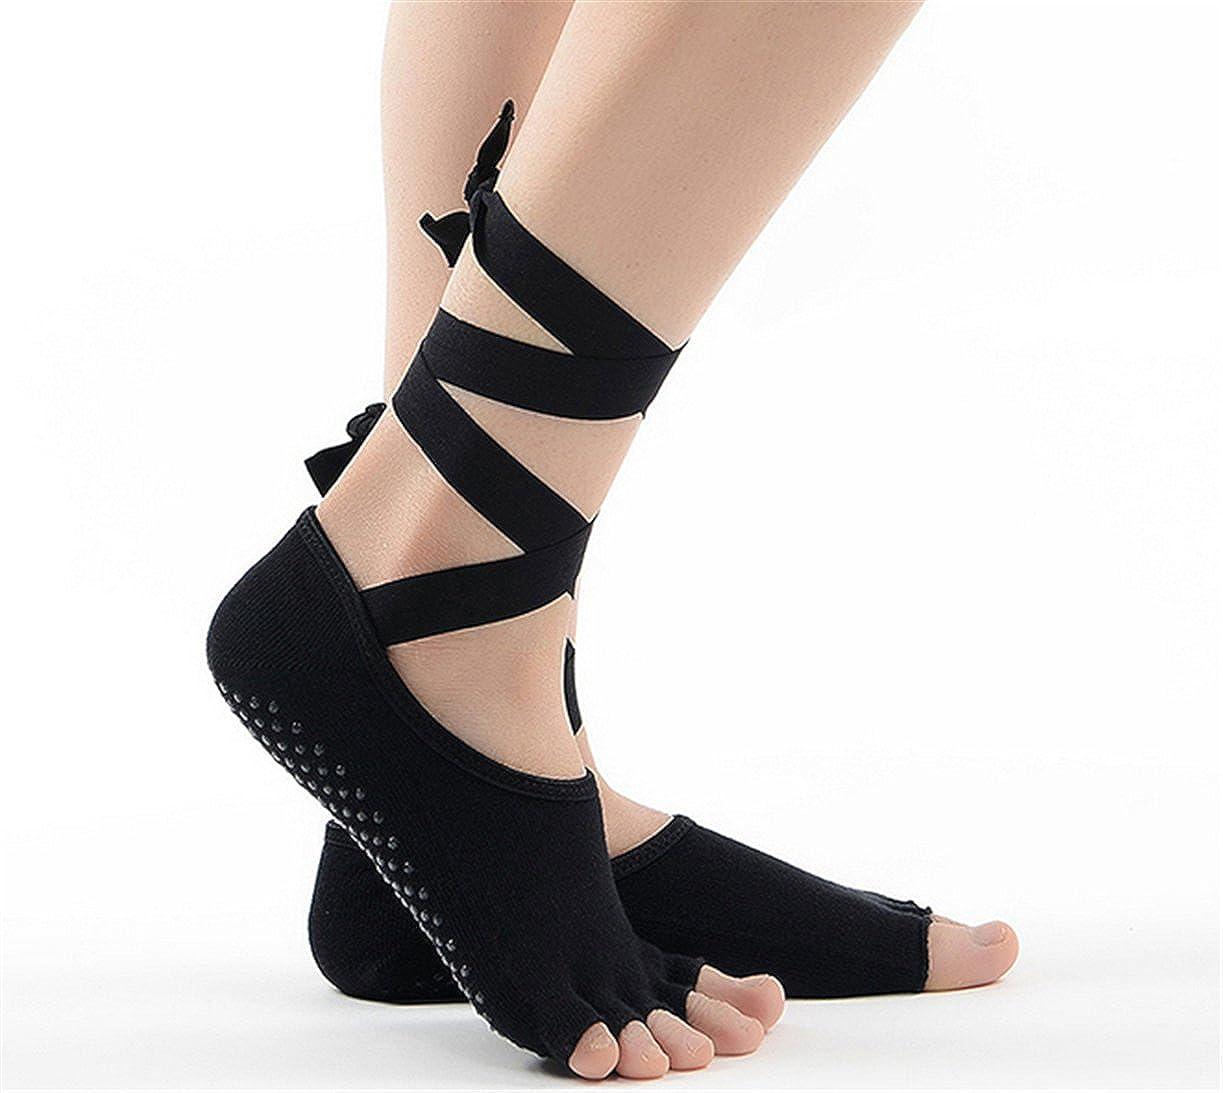 Nynelsong Yoga Socks Skid Toeless Grip Socks with Silk Ribbon for Women /& Girl Black